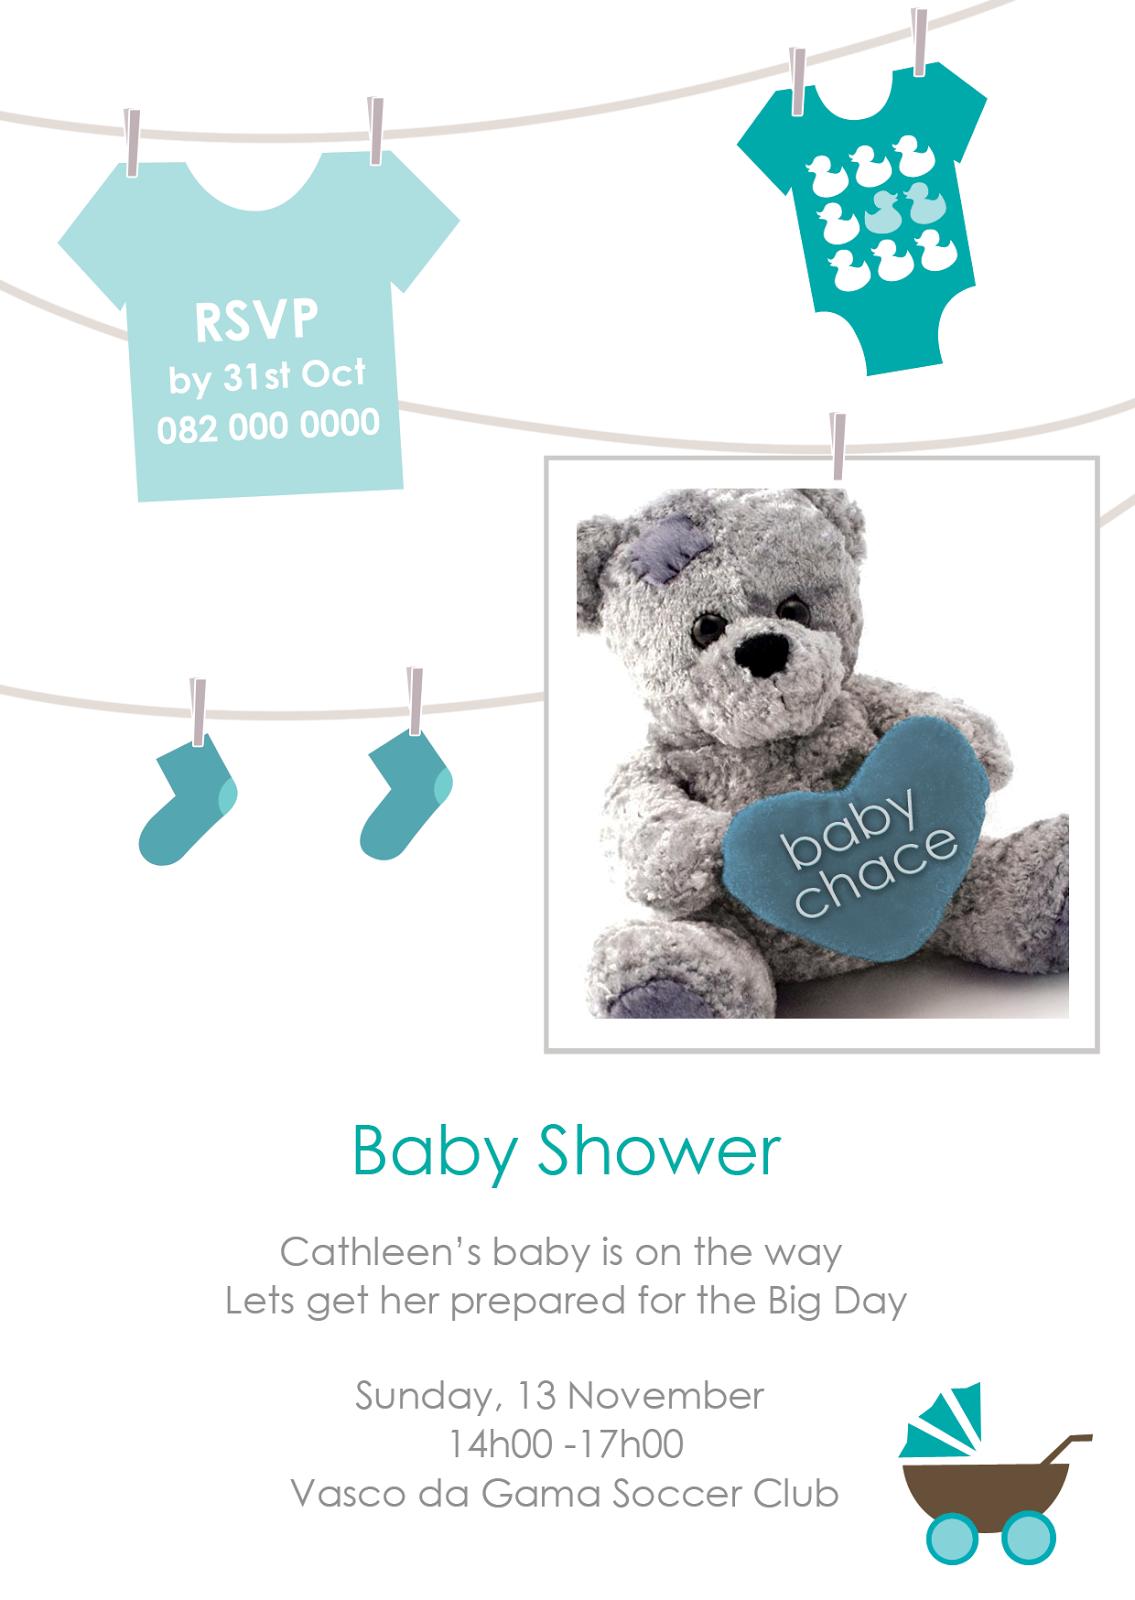 paulina graphic design baby shower invitations